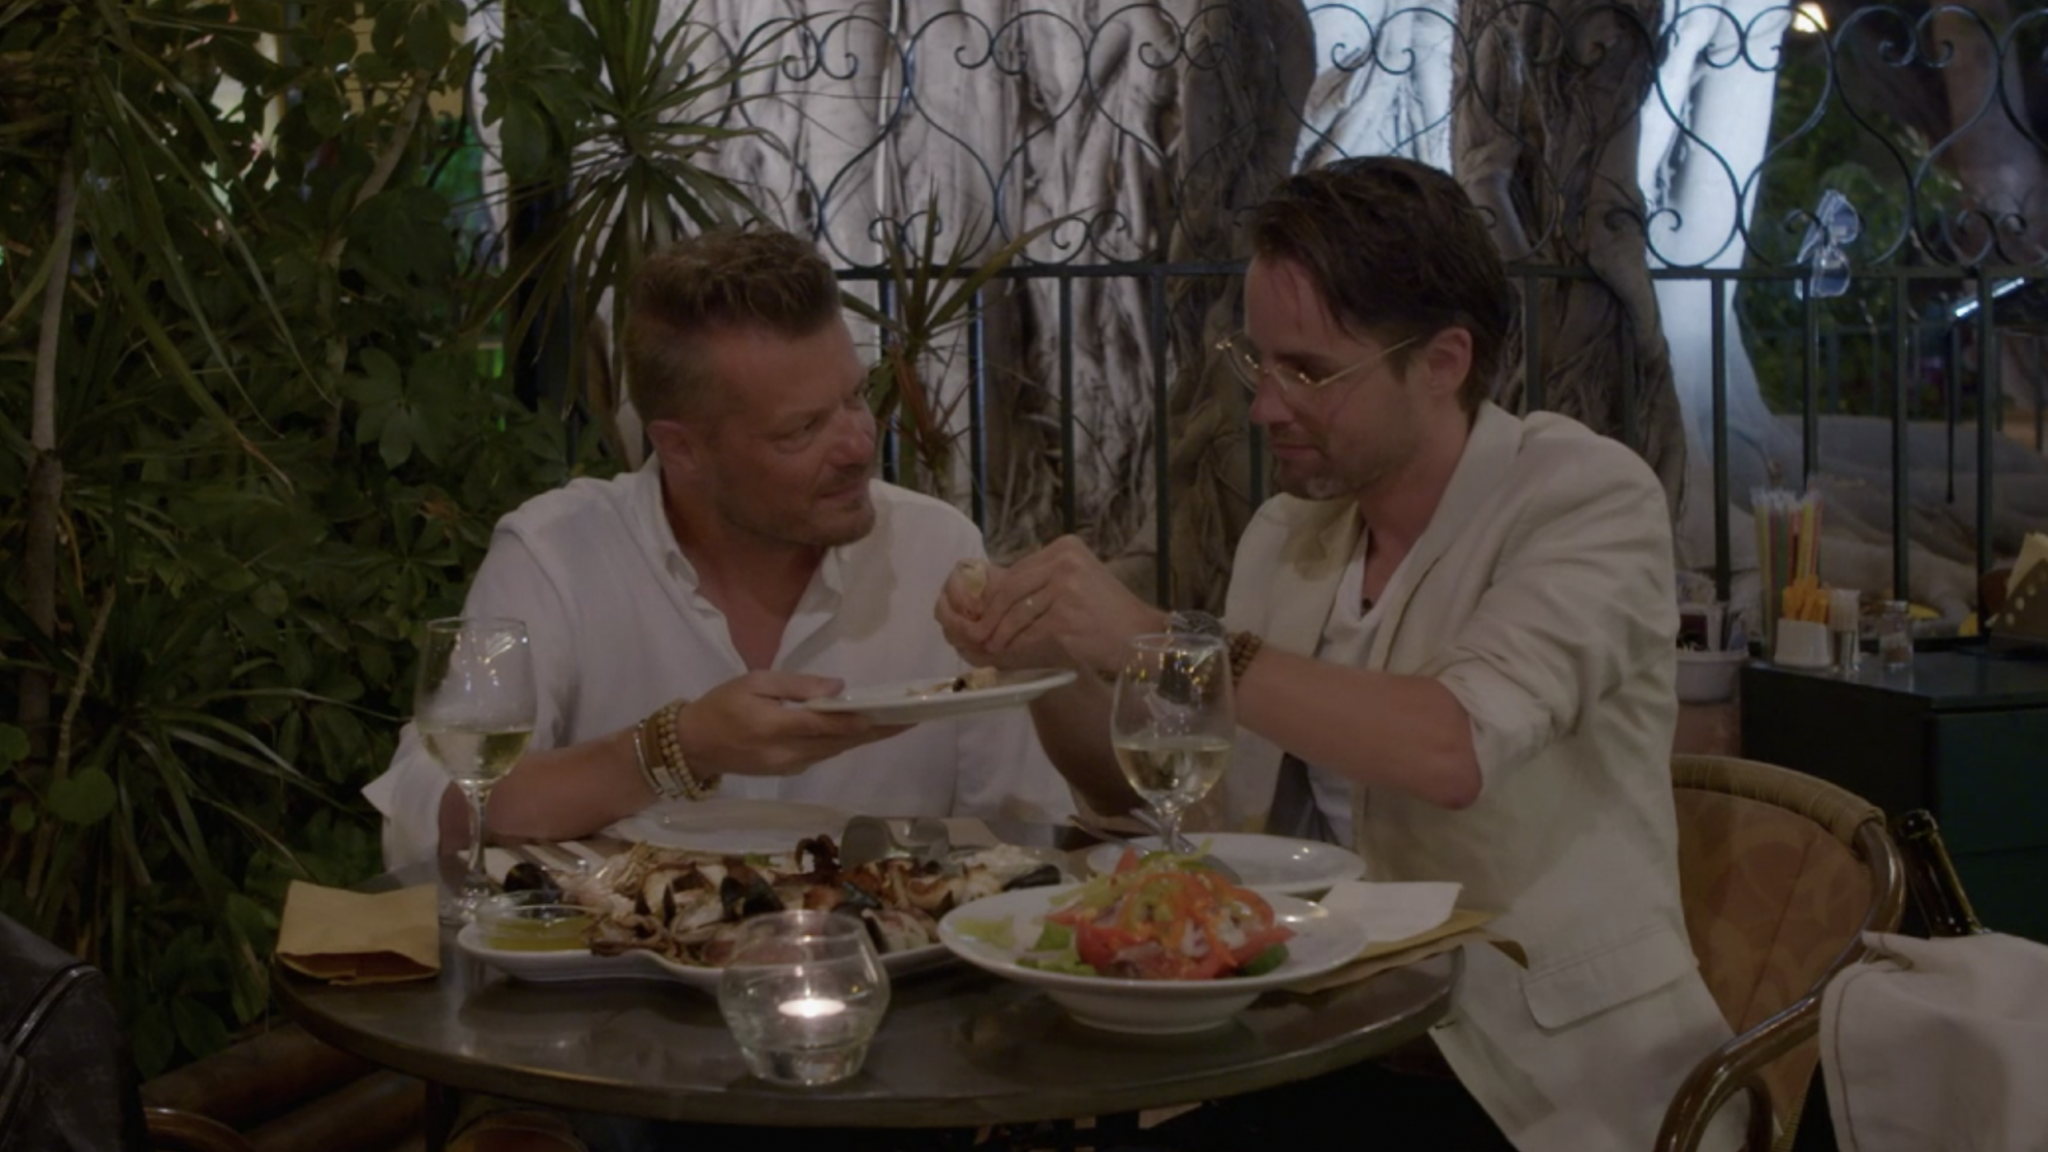 Rein en Danny hebben ongemakkelijkste etentje ooit in MAFS - RTL Nieuws